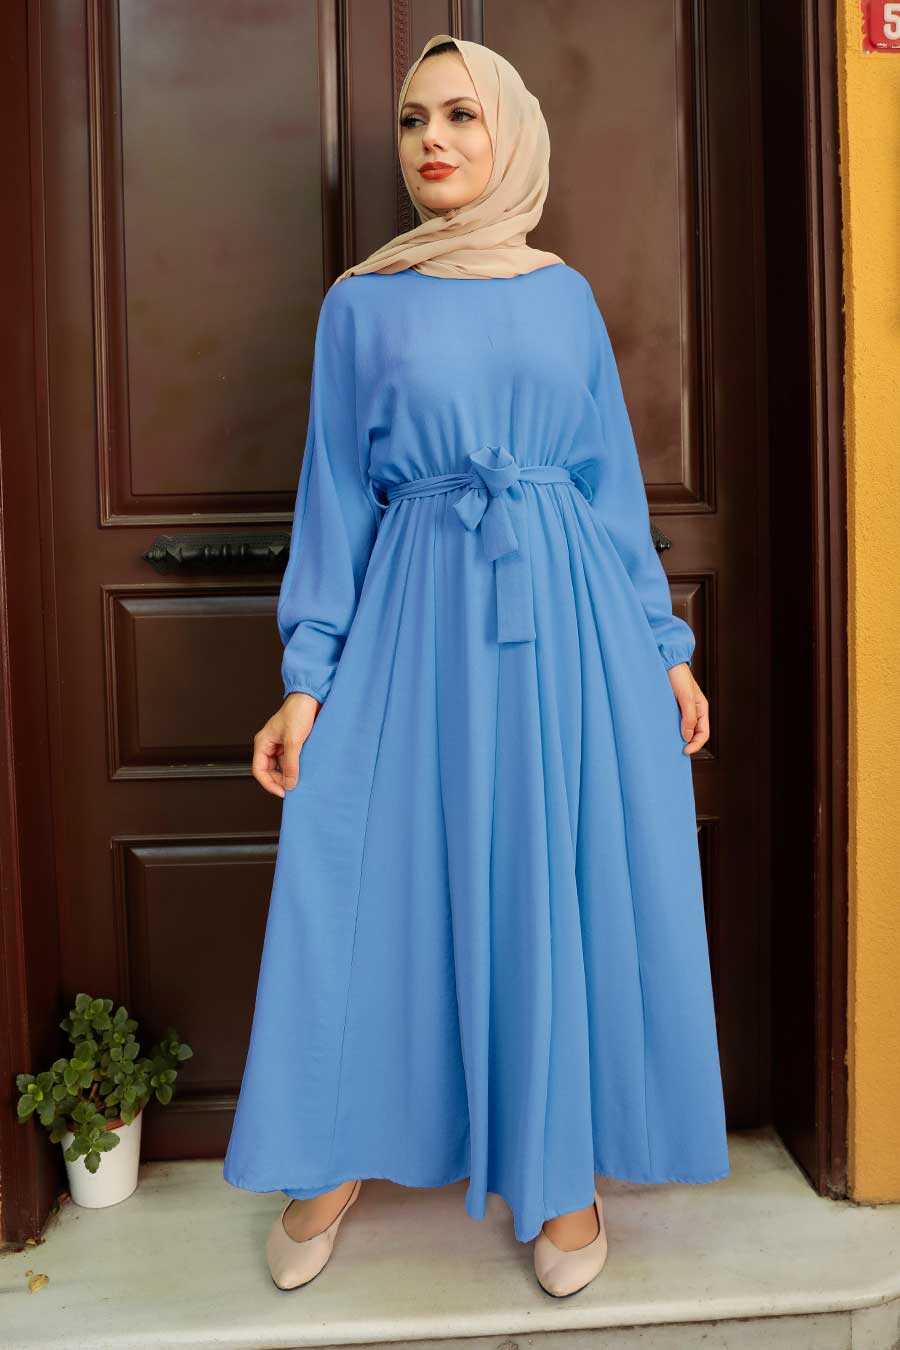 Blue Hijab Dress 76150M